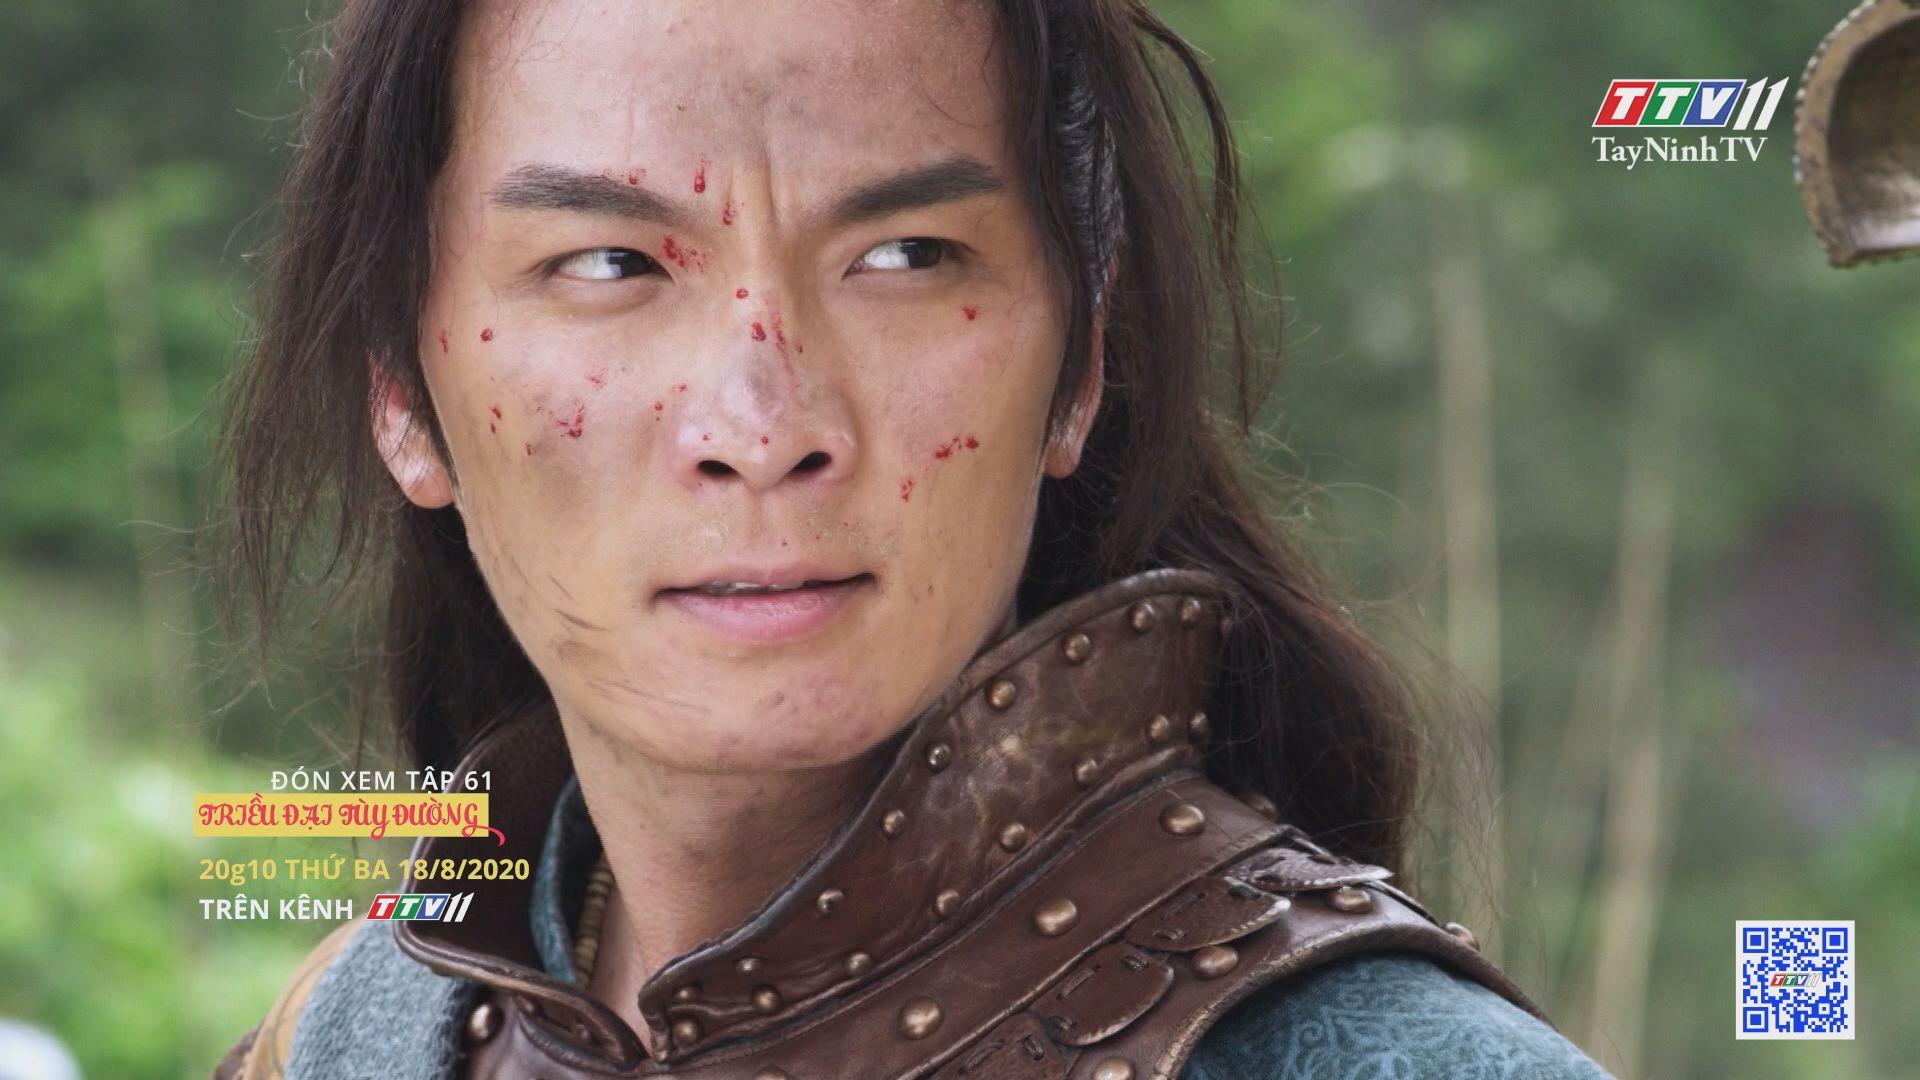 Triều đại Tùy Đường - TẬP 61 trailer   TRIỀU ĐẠI TÙY ĐƯỜNG   TayNinhTV